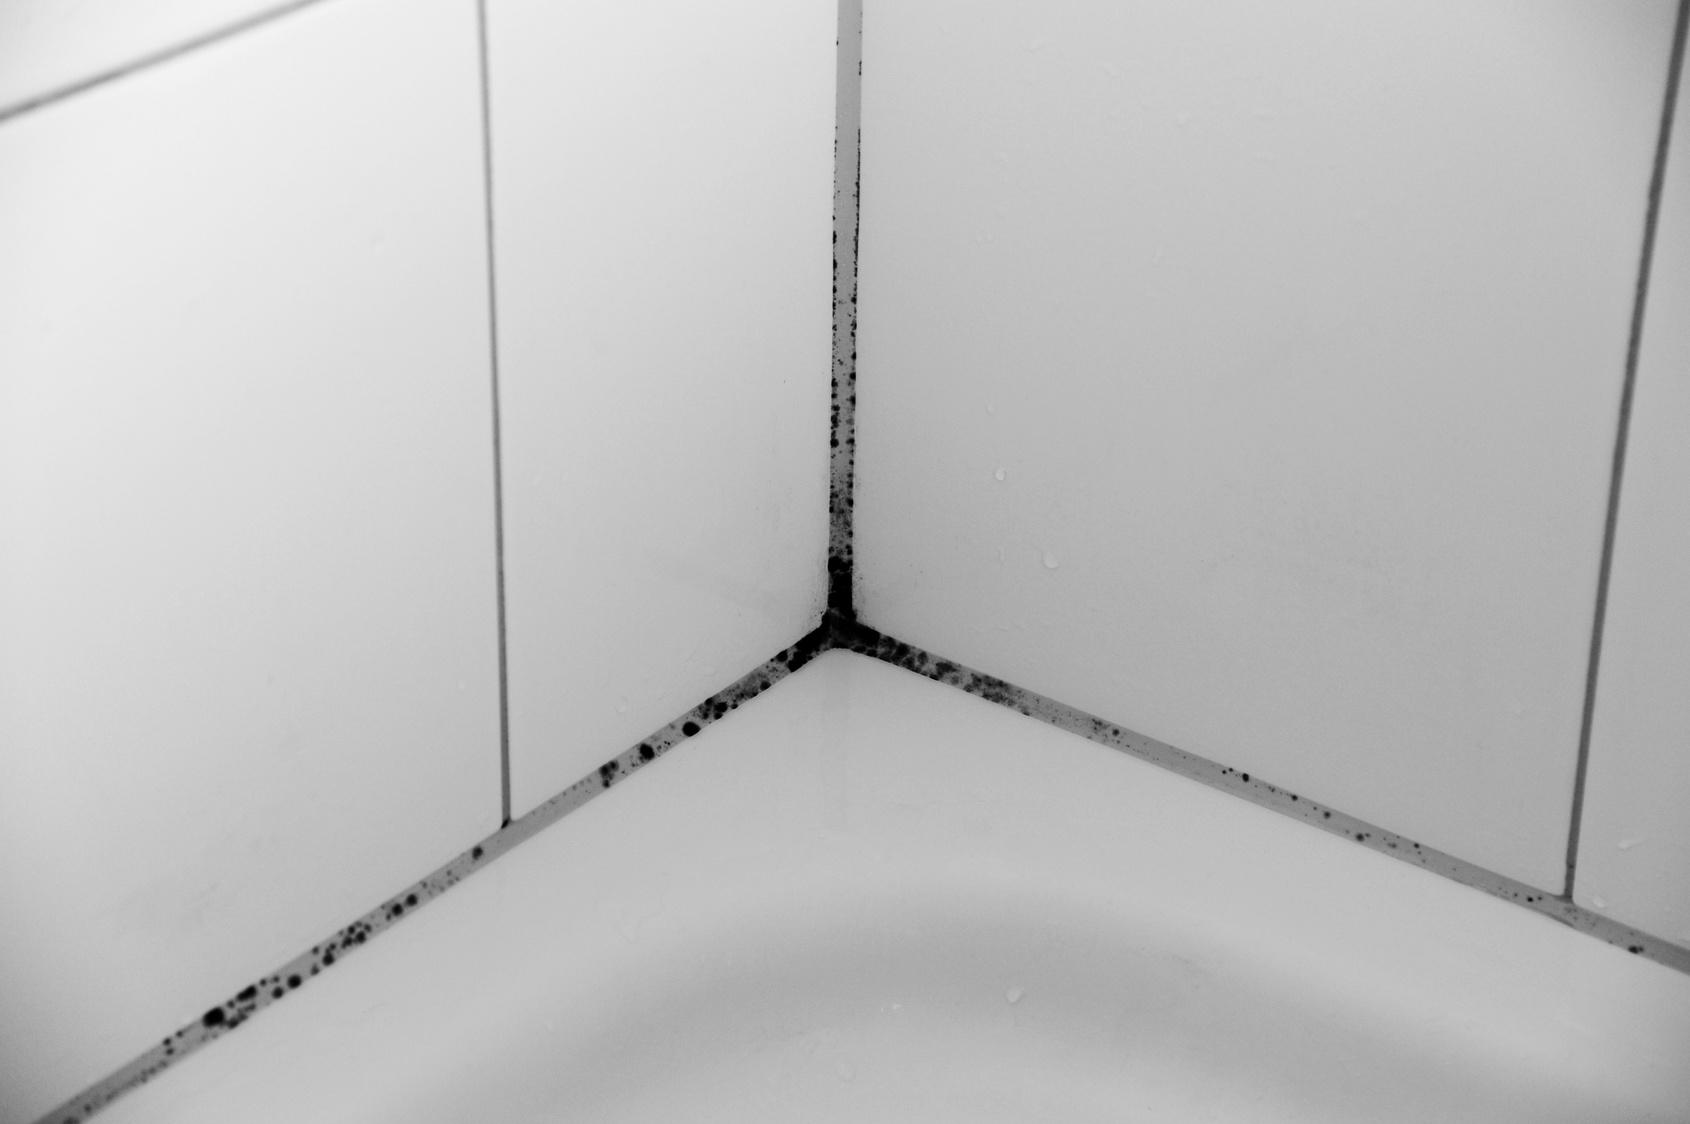 Badezimmer Schimmel Fugen